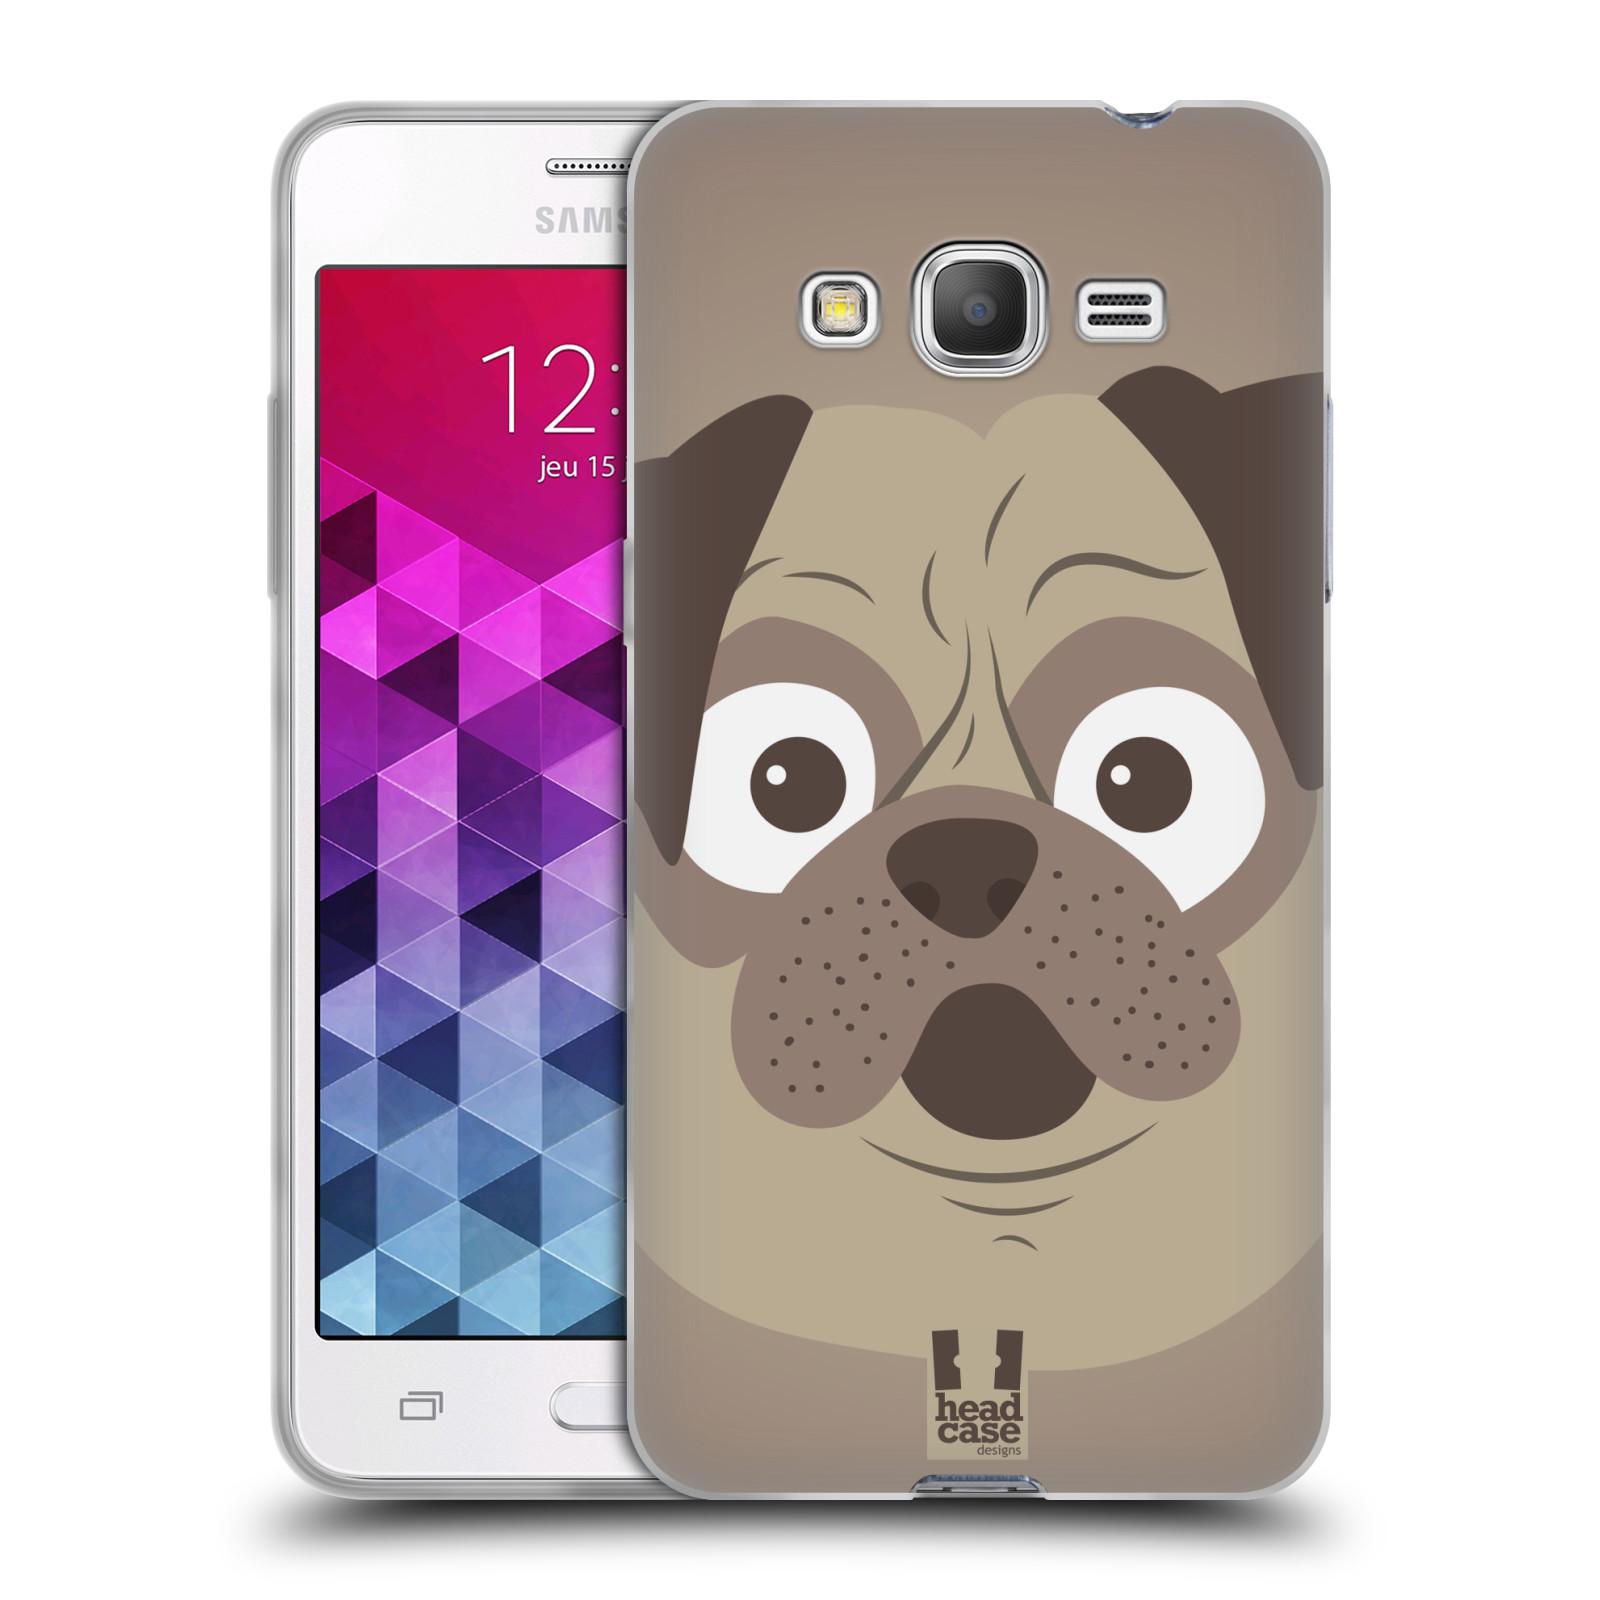 HEAD CASE silikonový obal na mobil Samsung Galaxy GRAND PRIME vzor Cartoon Karikatura barevná kreslená zvířátka pes mopsík